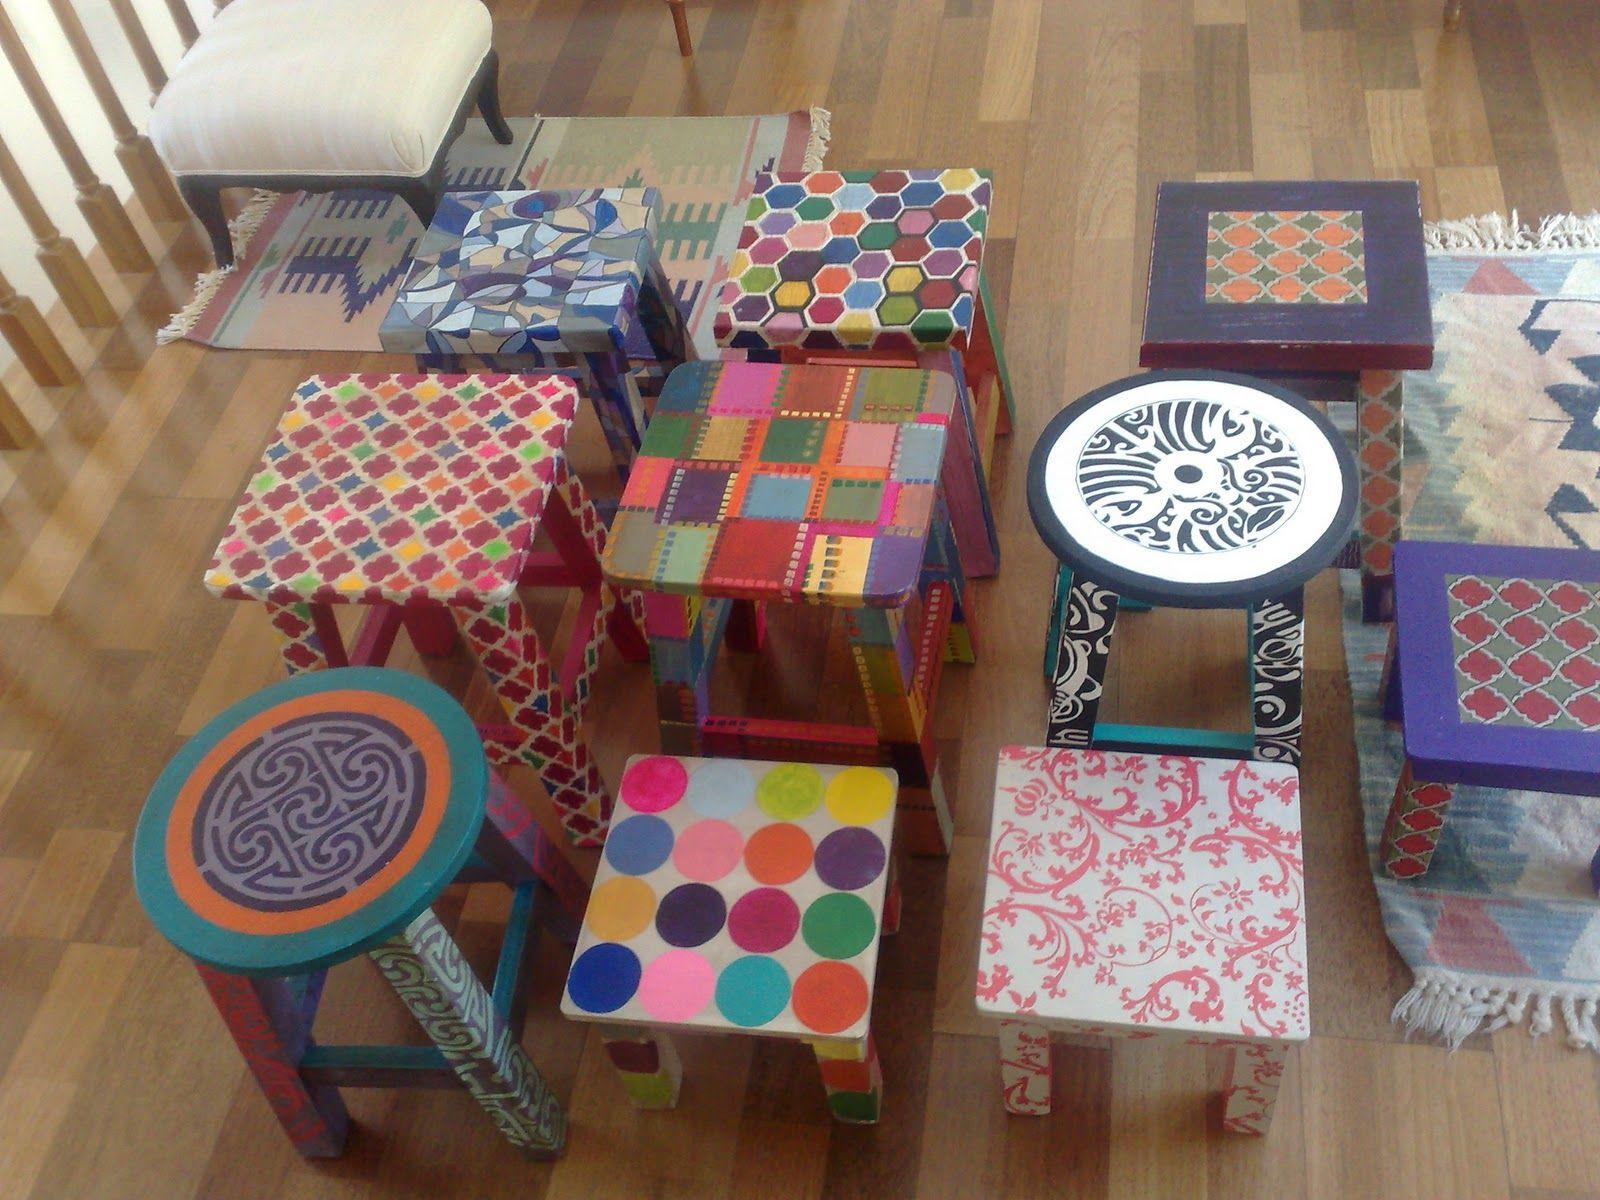 Bancos de colores pintados a mano vintouch interviniendo - Muebles de madera pintados a mano ...